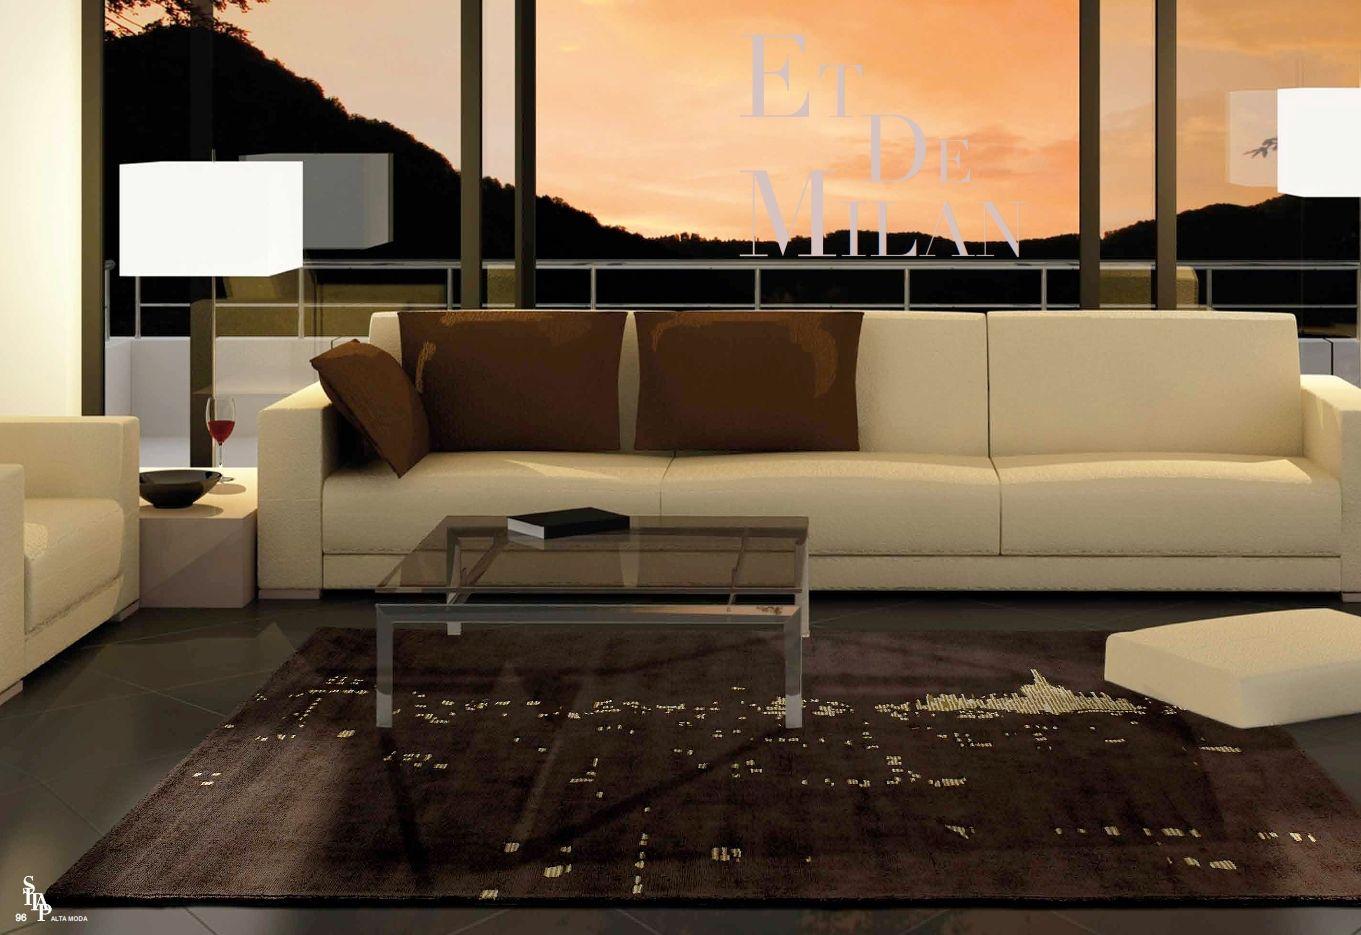 mbel de teppiche cool mbel de elegant trkische teppiche line kaufen with mbel de teppiche. Black Bedroom Furniture Sets. Home Design Ideas